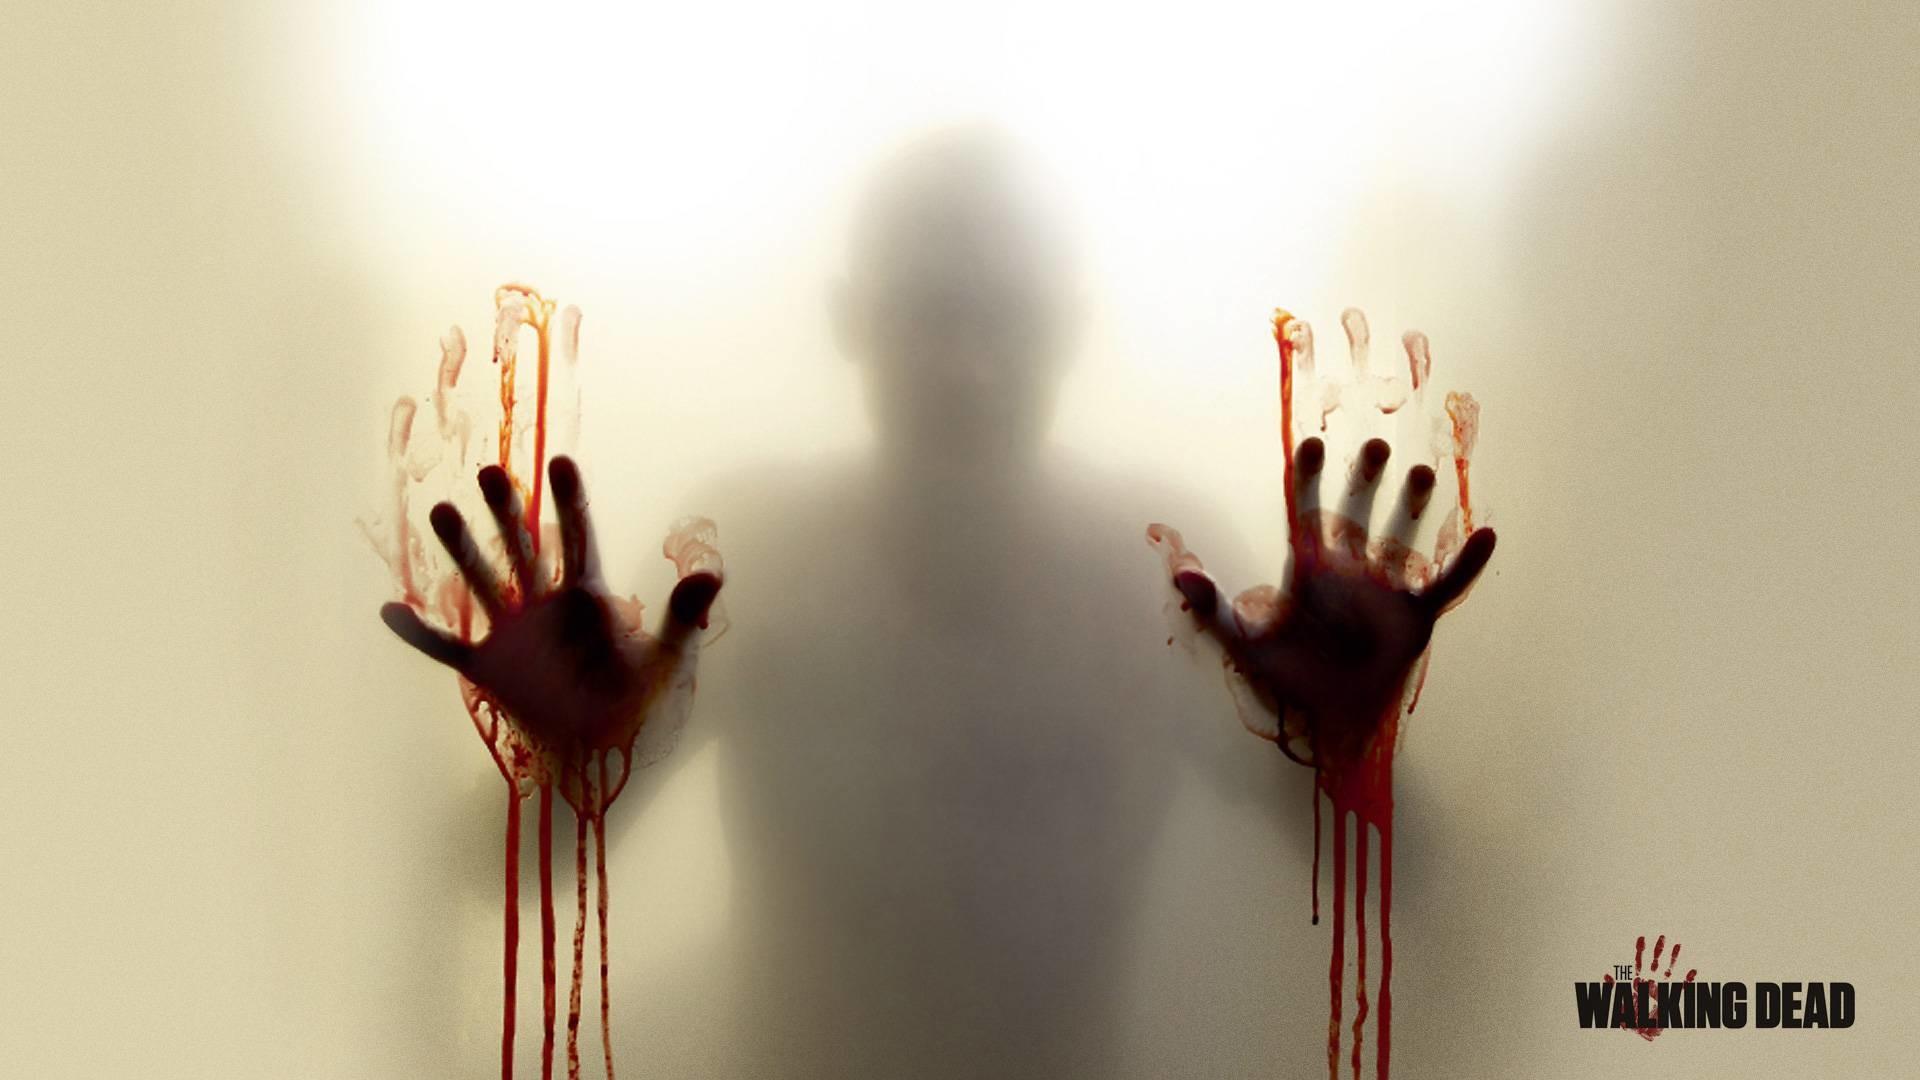 The Walking Dead – The Walking Dead Wallpaper